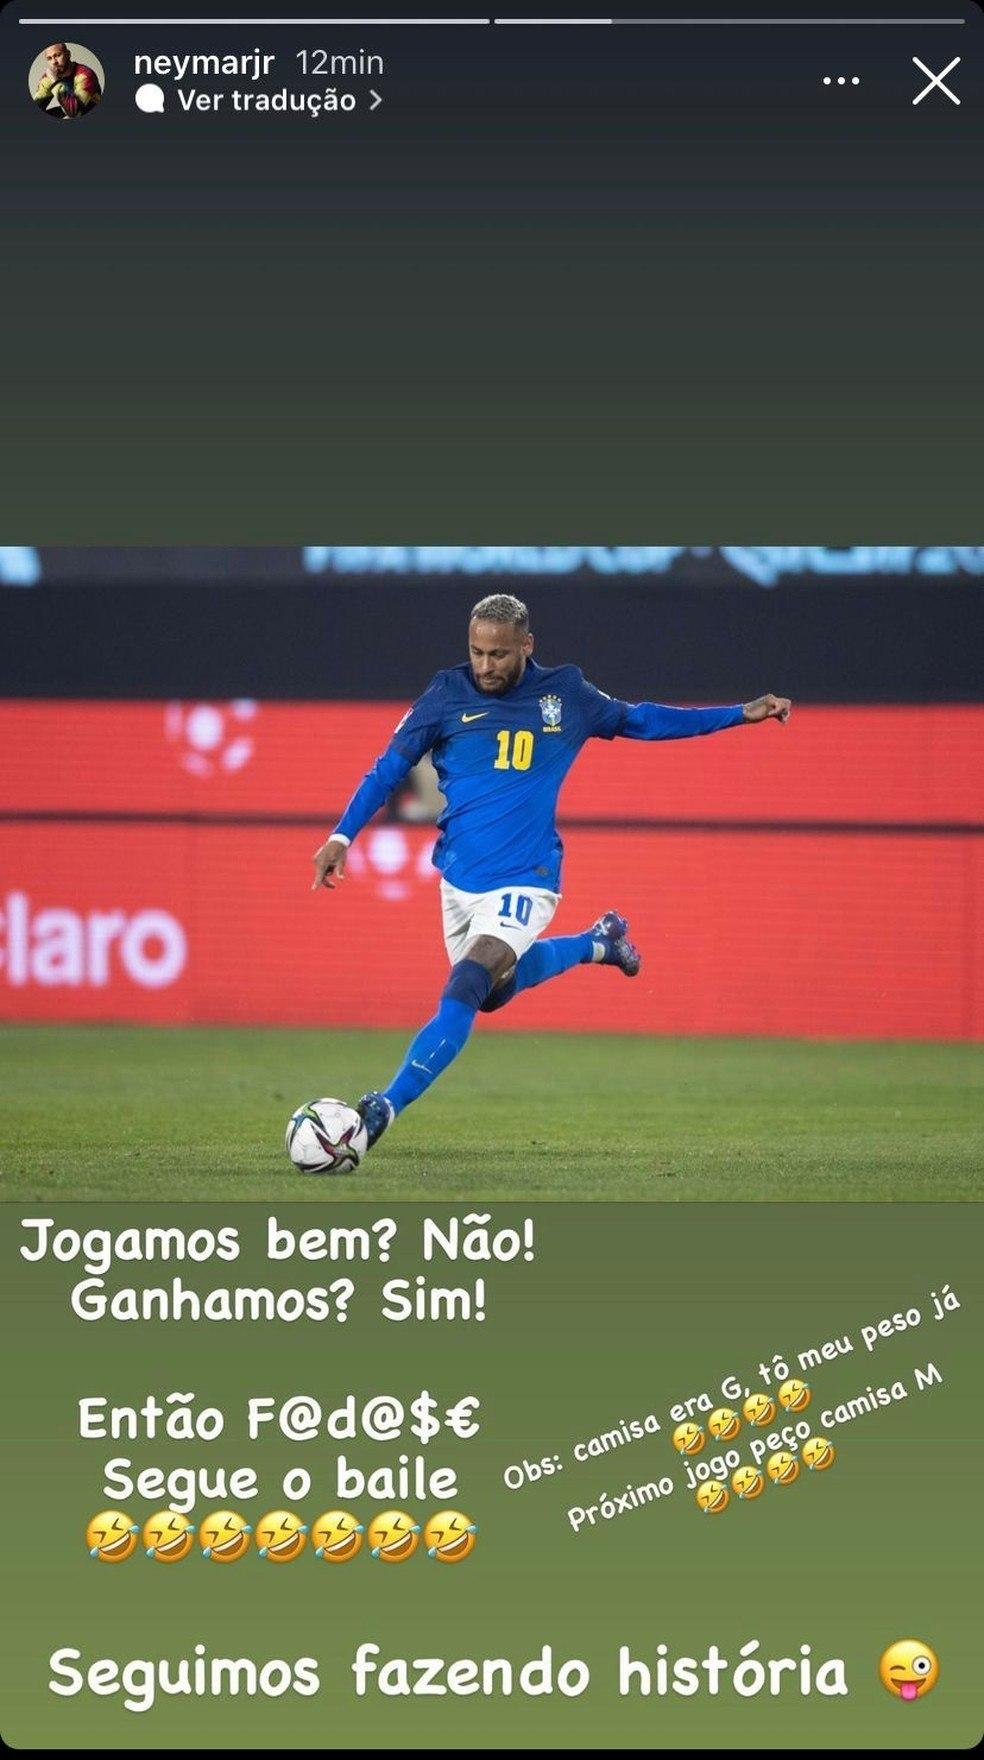 Neymar tentando ironizar, disfarçar a barriga. Constragendor